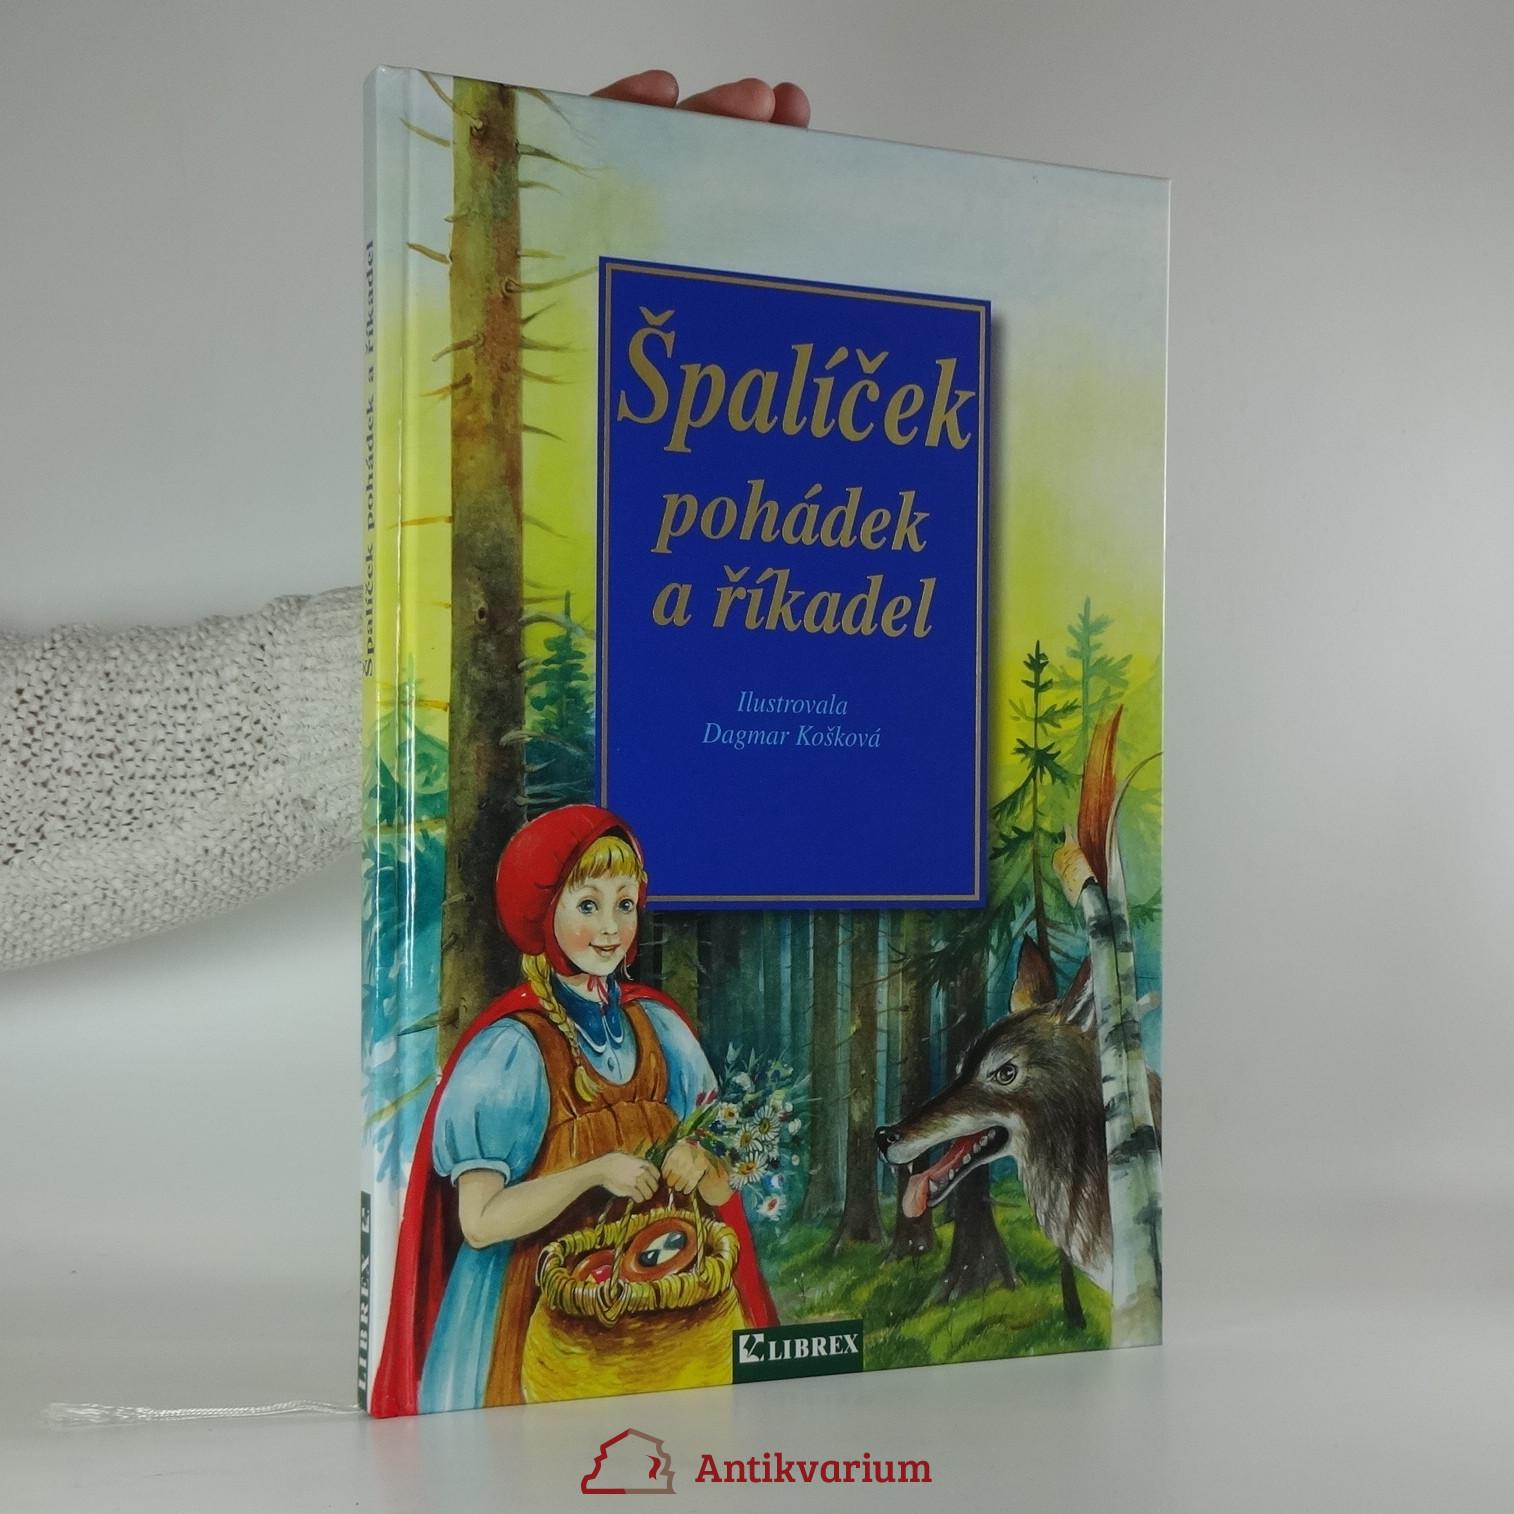 antikvární kniha Špalíček pohádek a říkadel, 2001